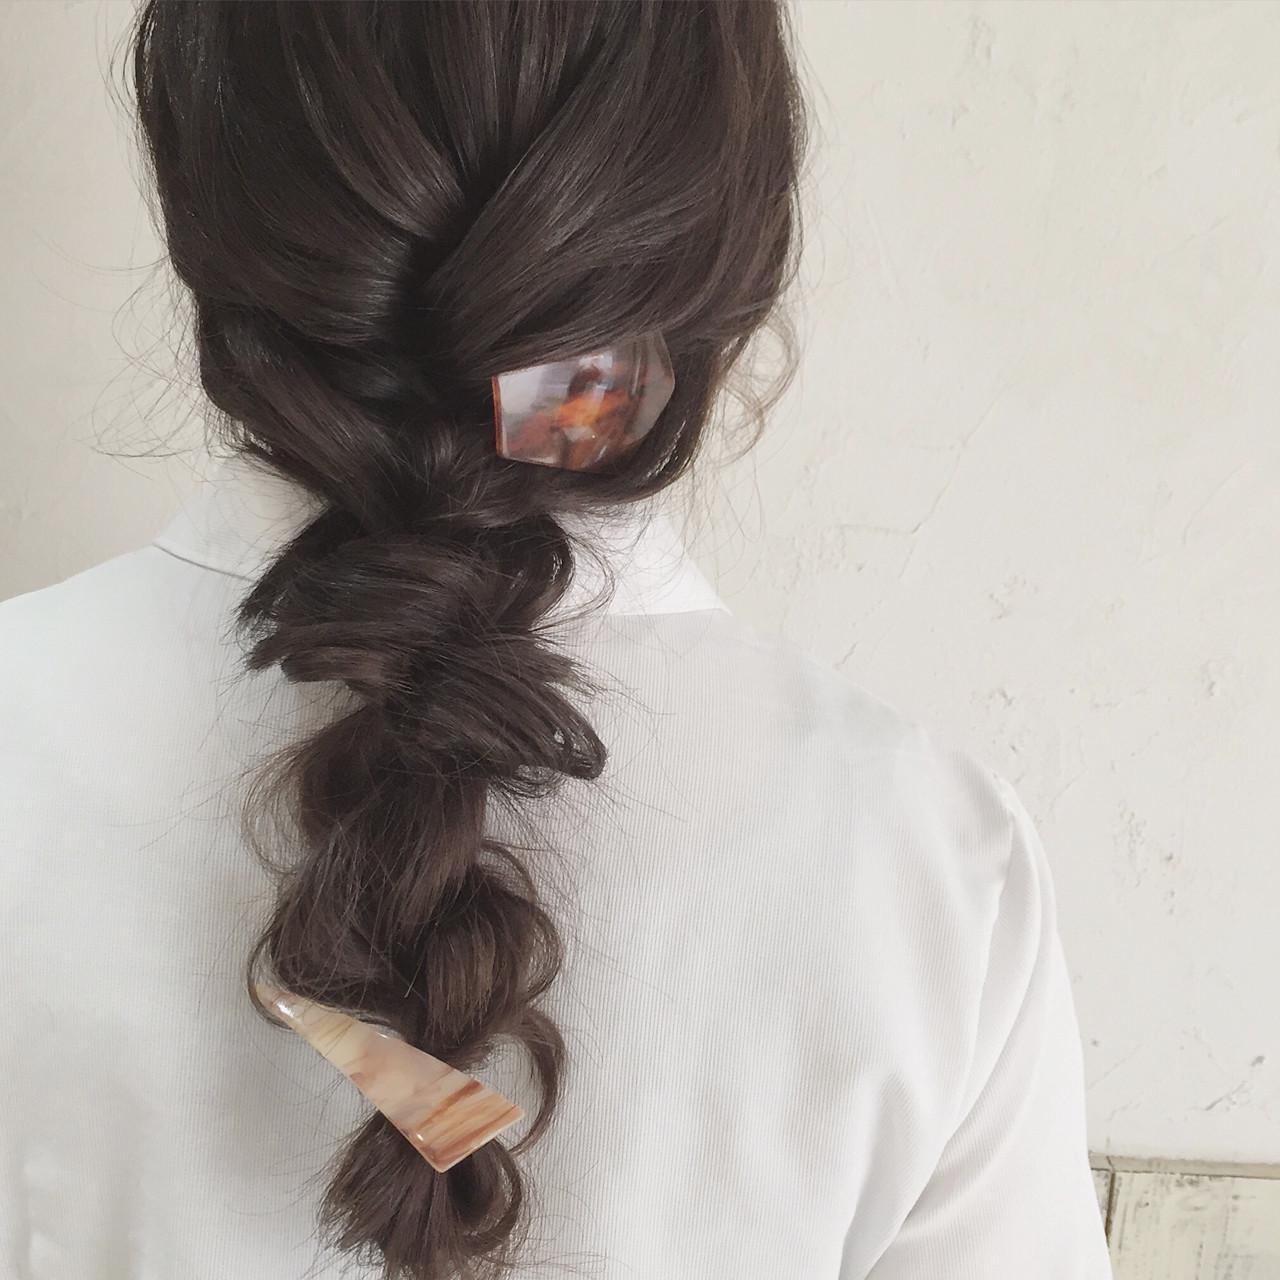 黒髪 簡単ヘアアレンジ ロング バレッタ ヘアスタイルや髪型の写真・画像